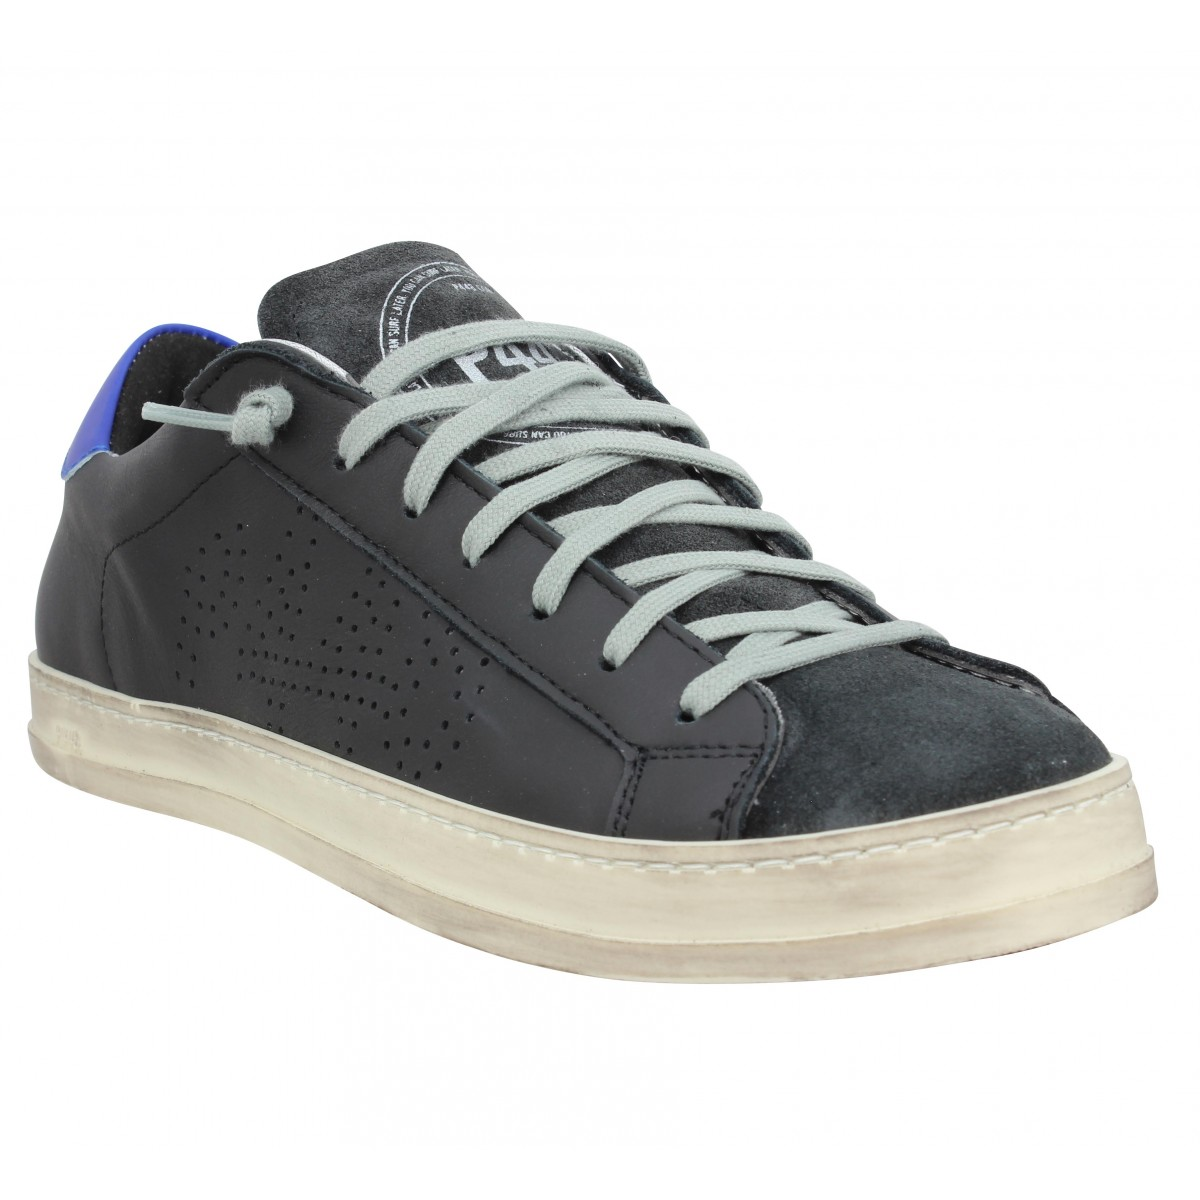 Baskets P448 John cuir velours Homme Noir Bleu